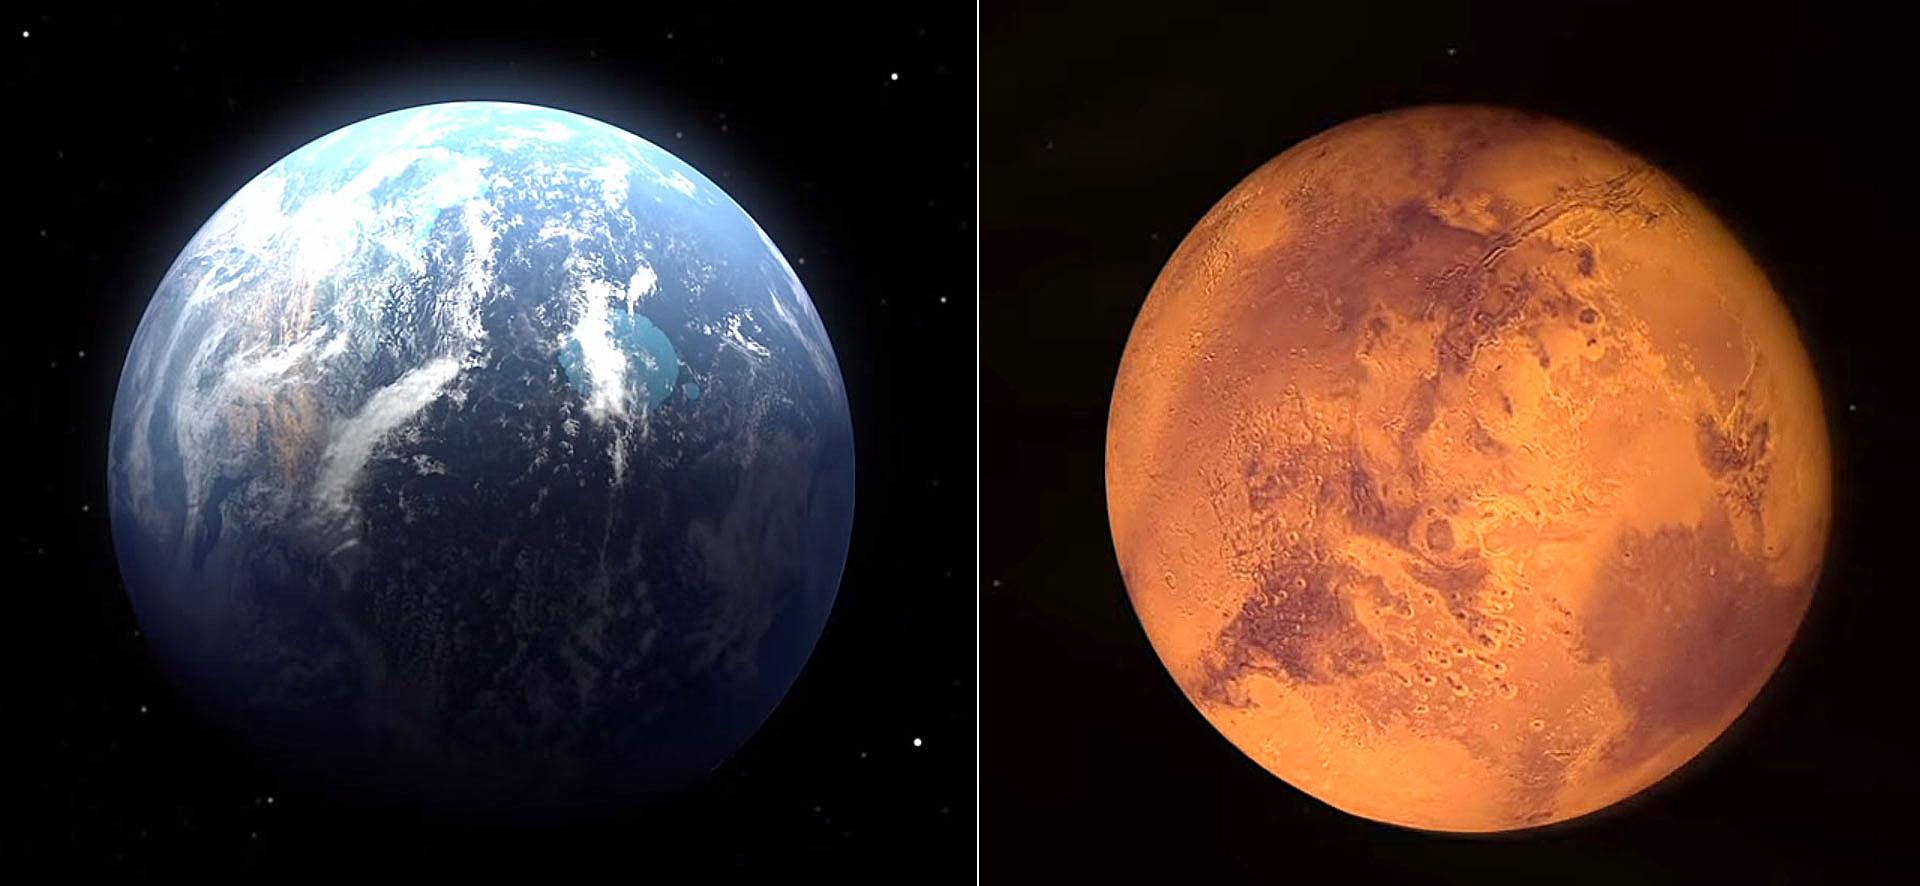 به گفته دانشمندان سه تا چهار میلیارد سال پیش، مریخ با جوی ضخیم تر و جریان آب در سراسر سطحش بسیار شبیه به زمین بود، اما گذشت زمان همه چیز را در این سیاره تغییر داد.